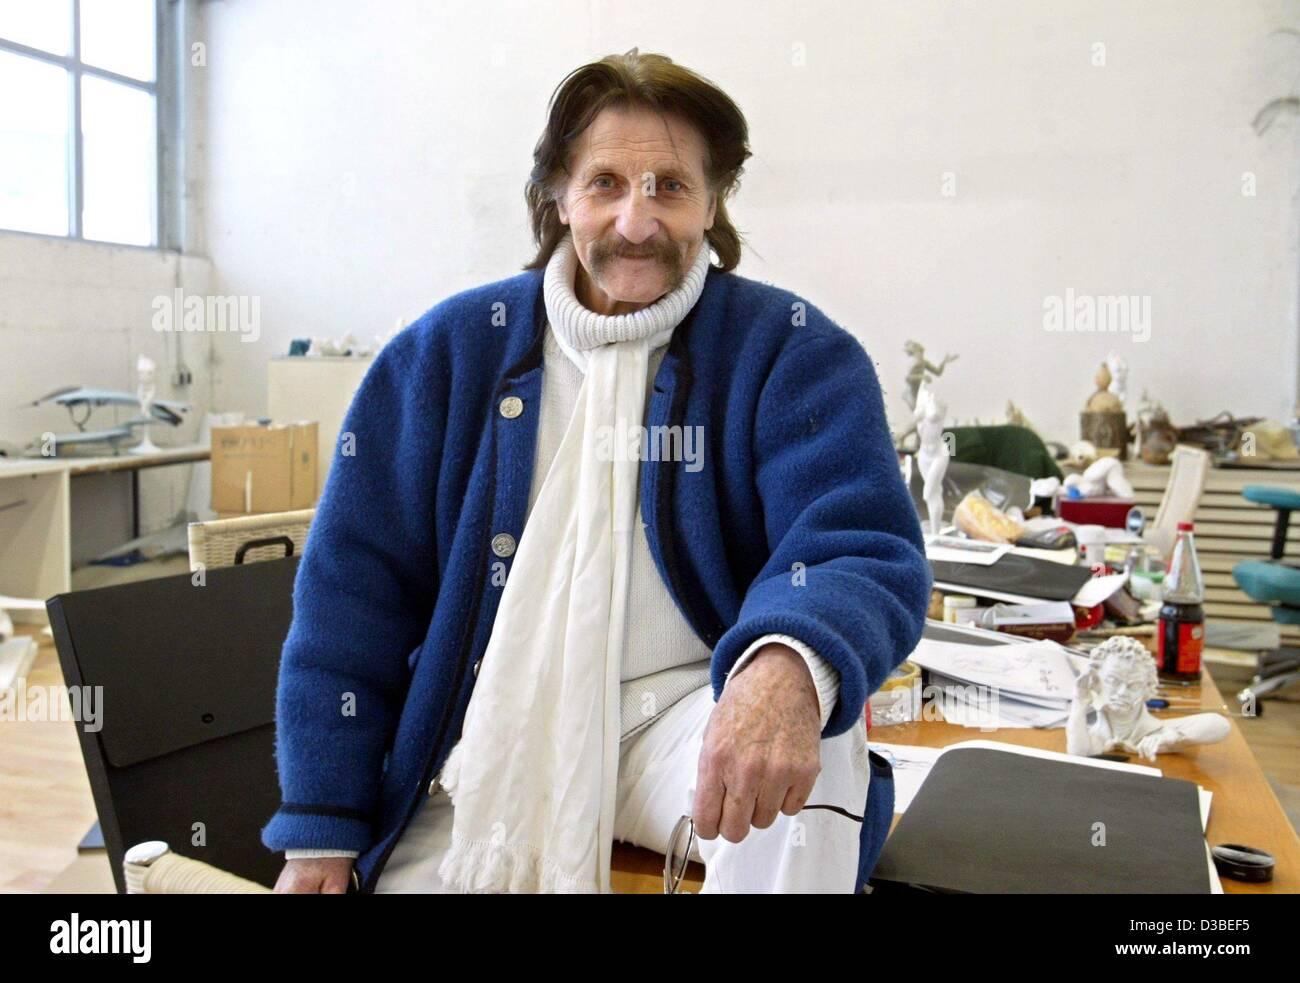 (Dpa) - Diseñador Industrial Luigi Colani es posando en su taller en Karlsruhe, Alemania, 13 de enero de 2003. Imagen De Stock